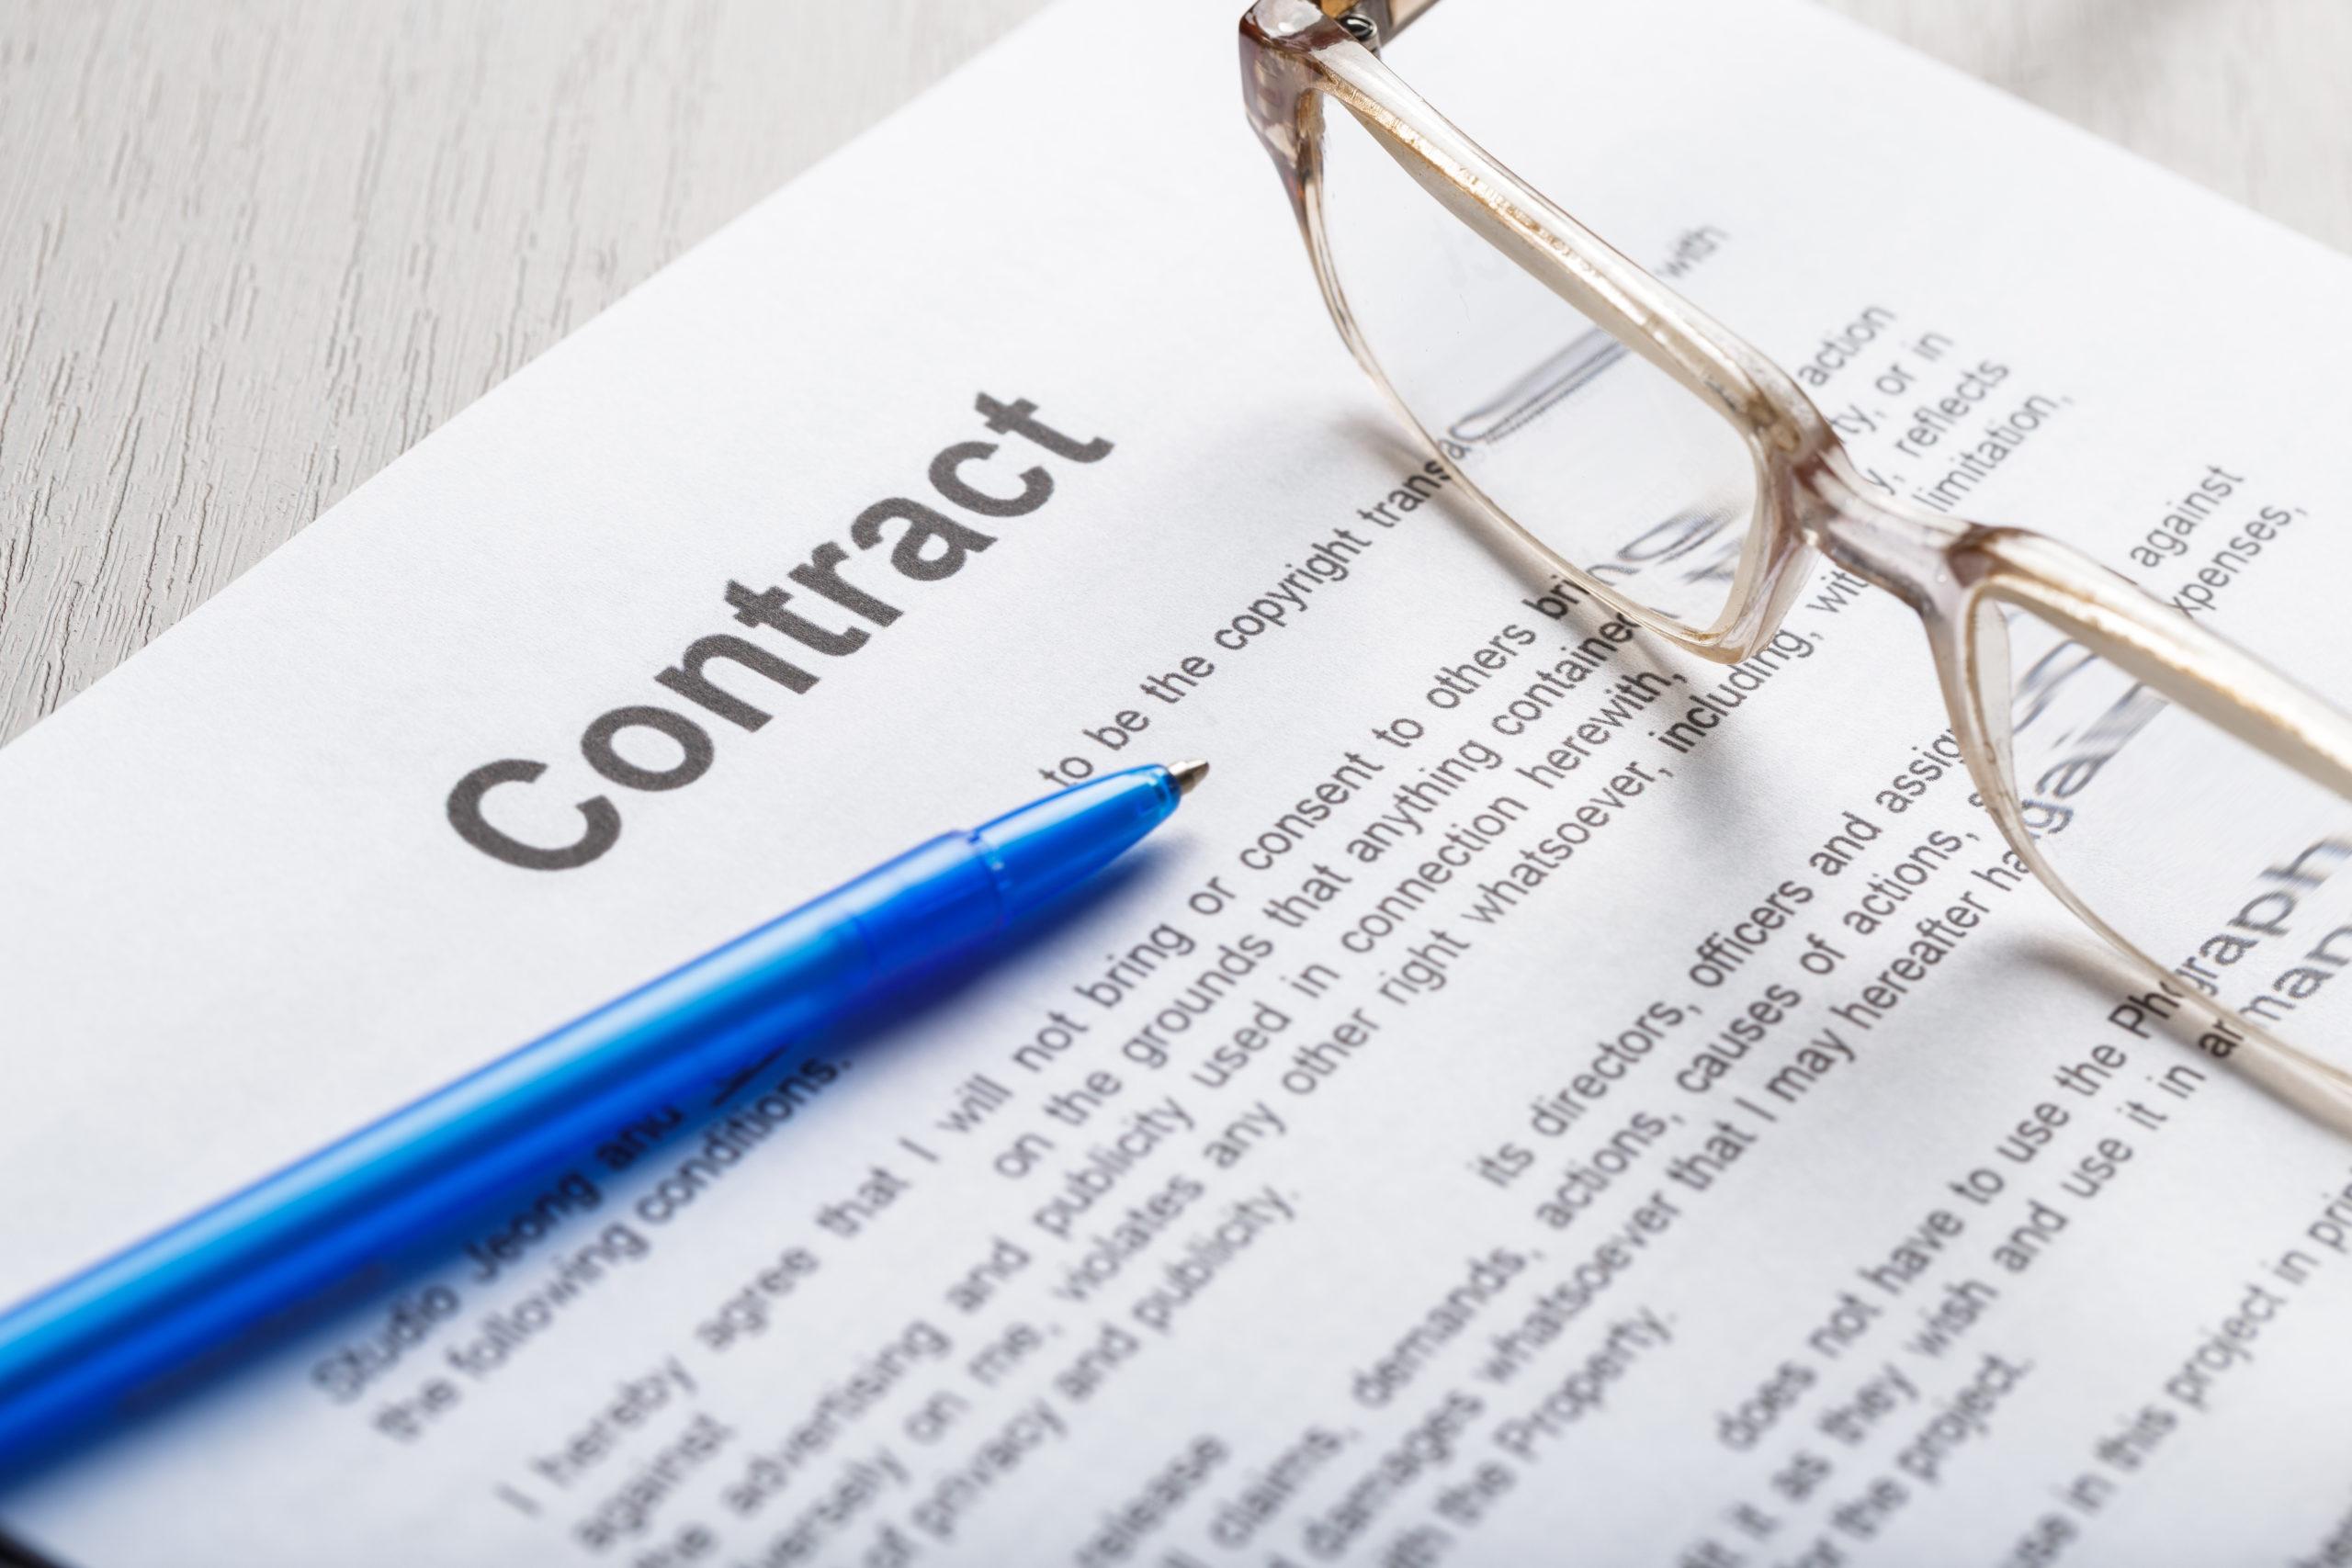 André Iizuka: Contratos de TI são falhos e podem trazer riscos para empresas